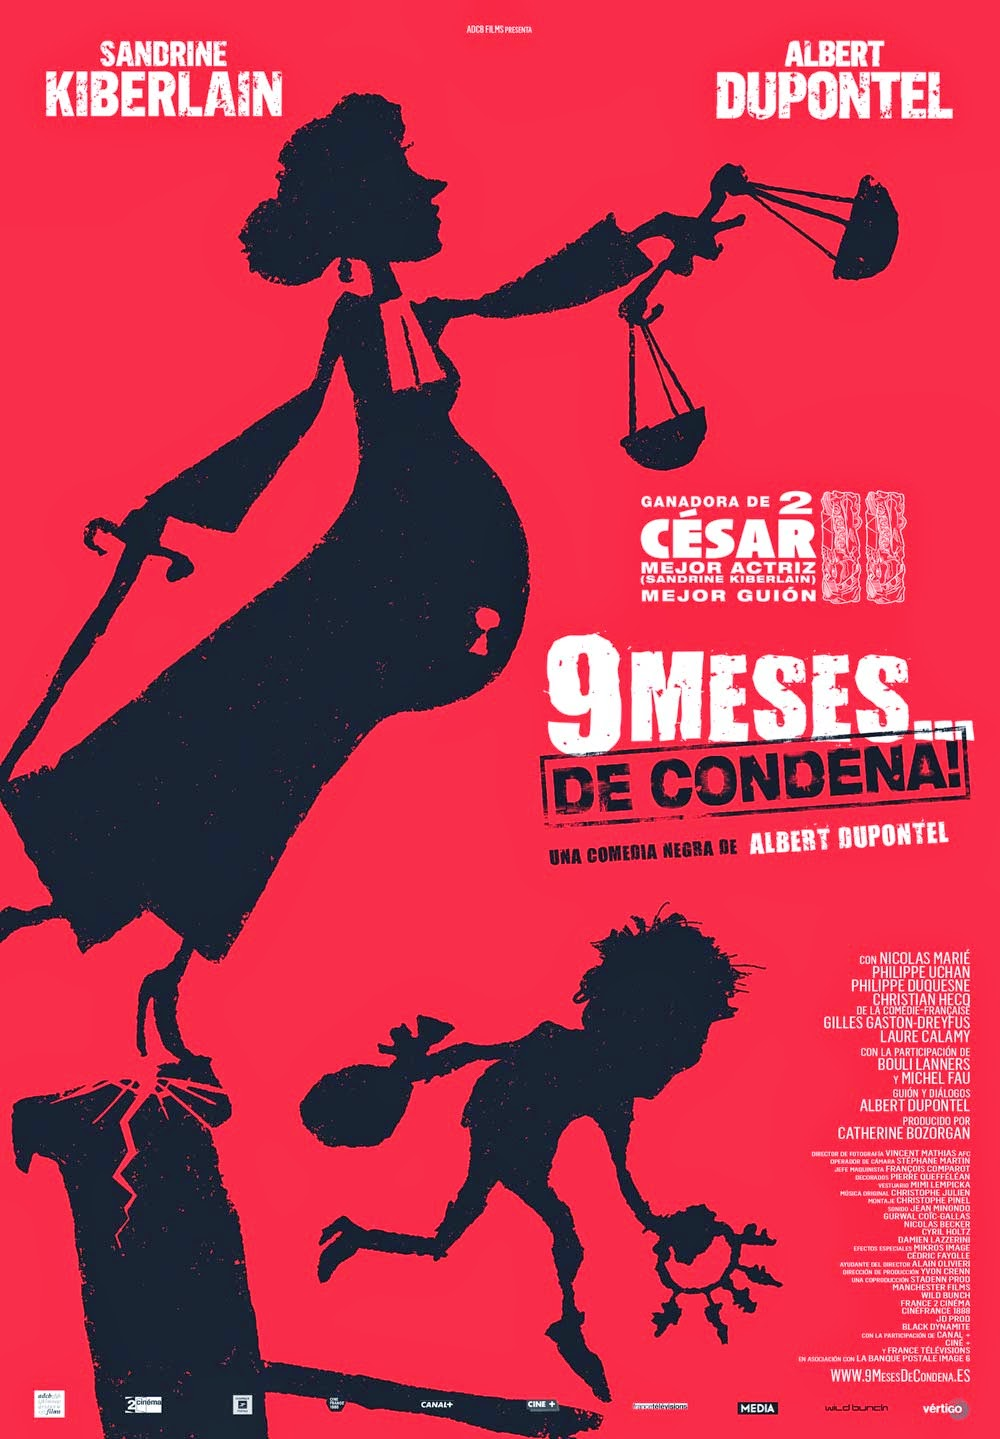 9 Meses... De Condena